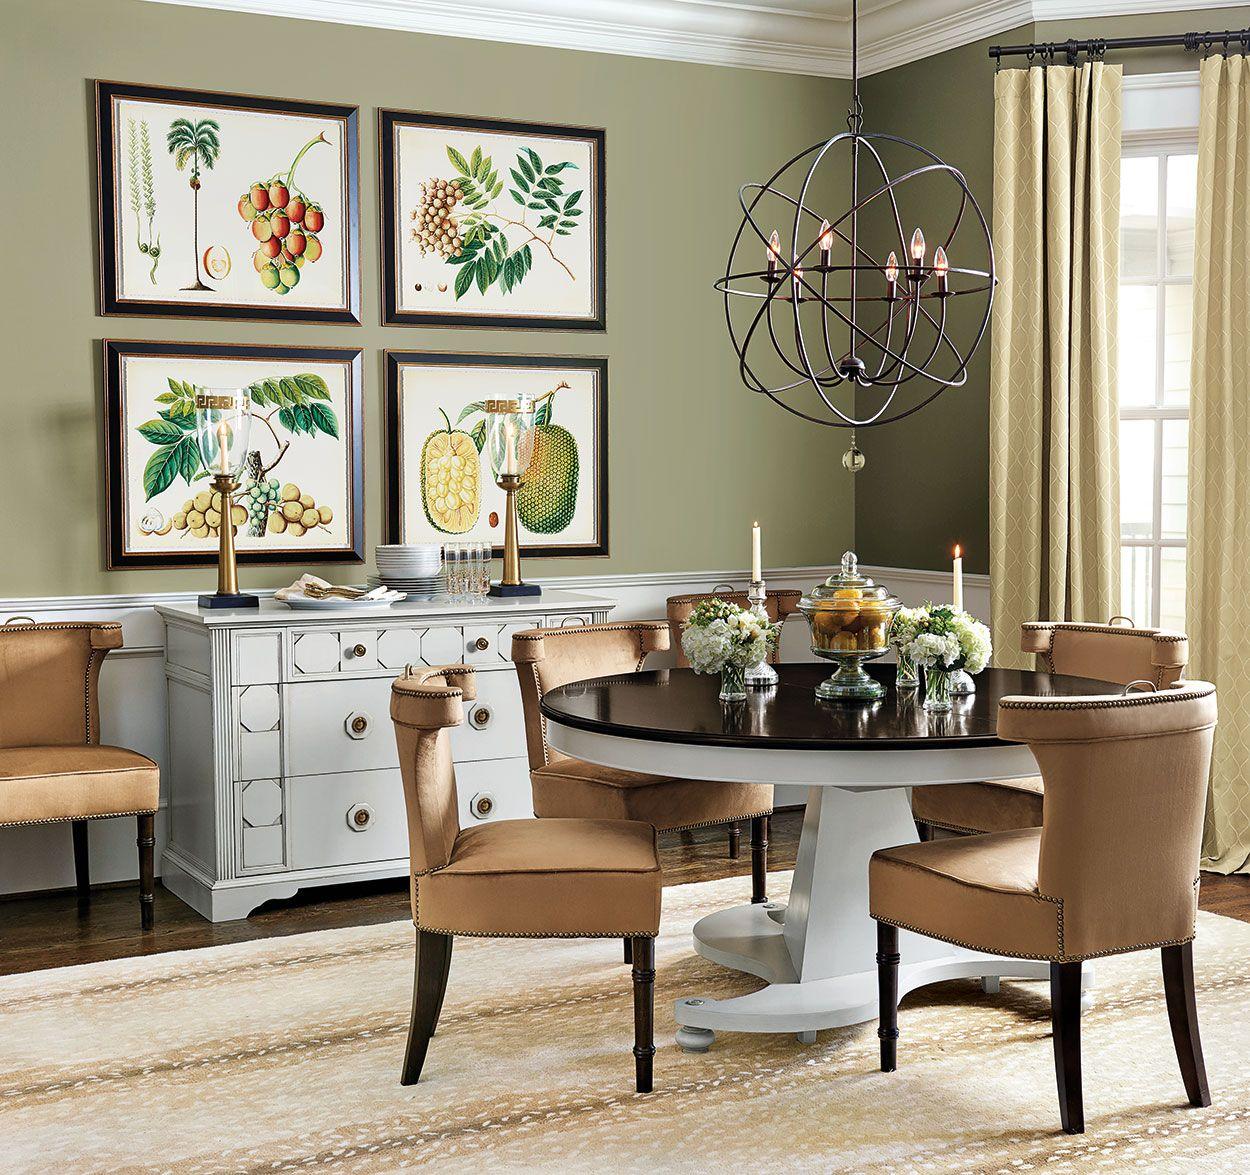 Dining Room Decorating Ideas Green Dining Room Green Dining Room Walls Green Walls Living Room